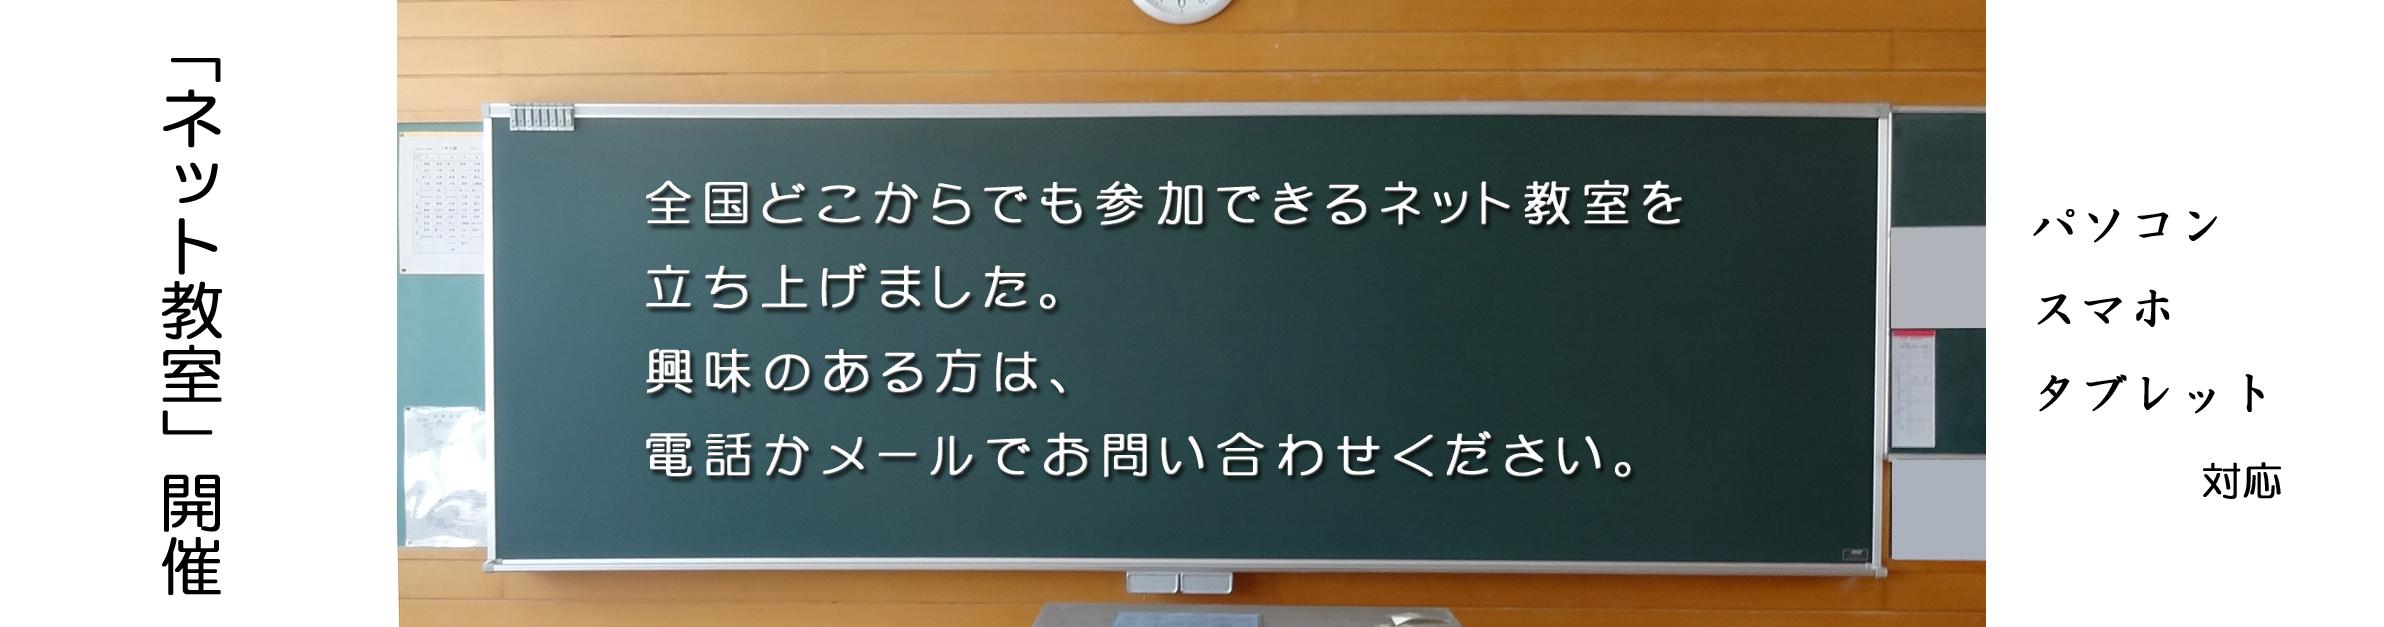 インターネット教室開催